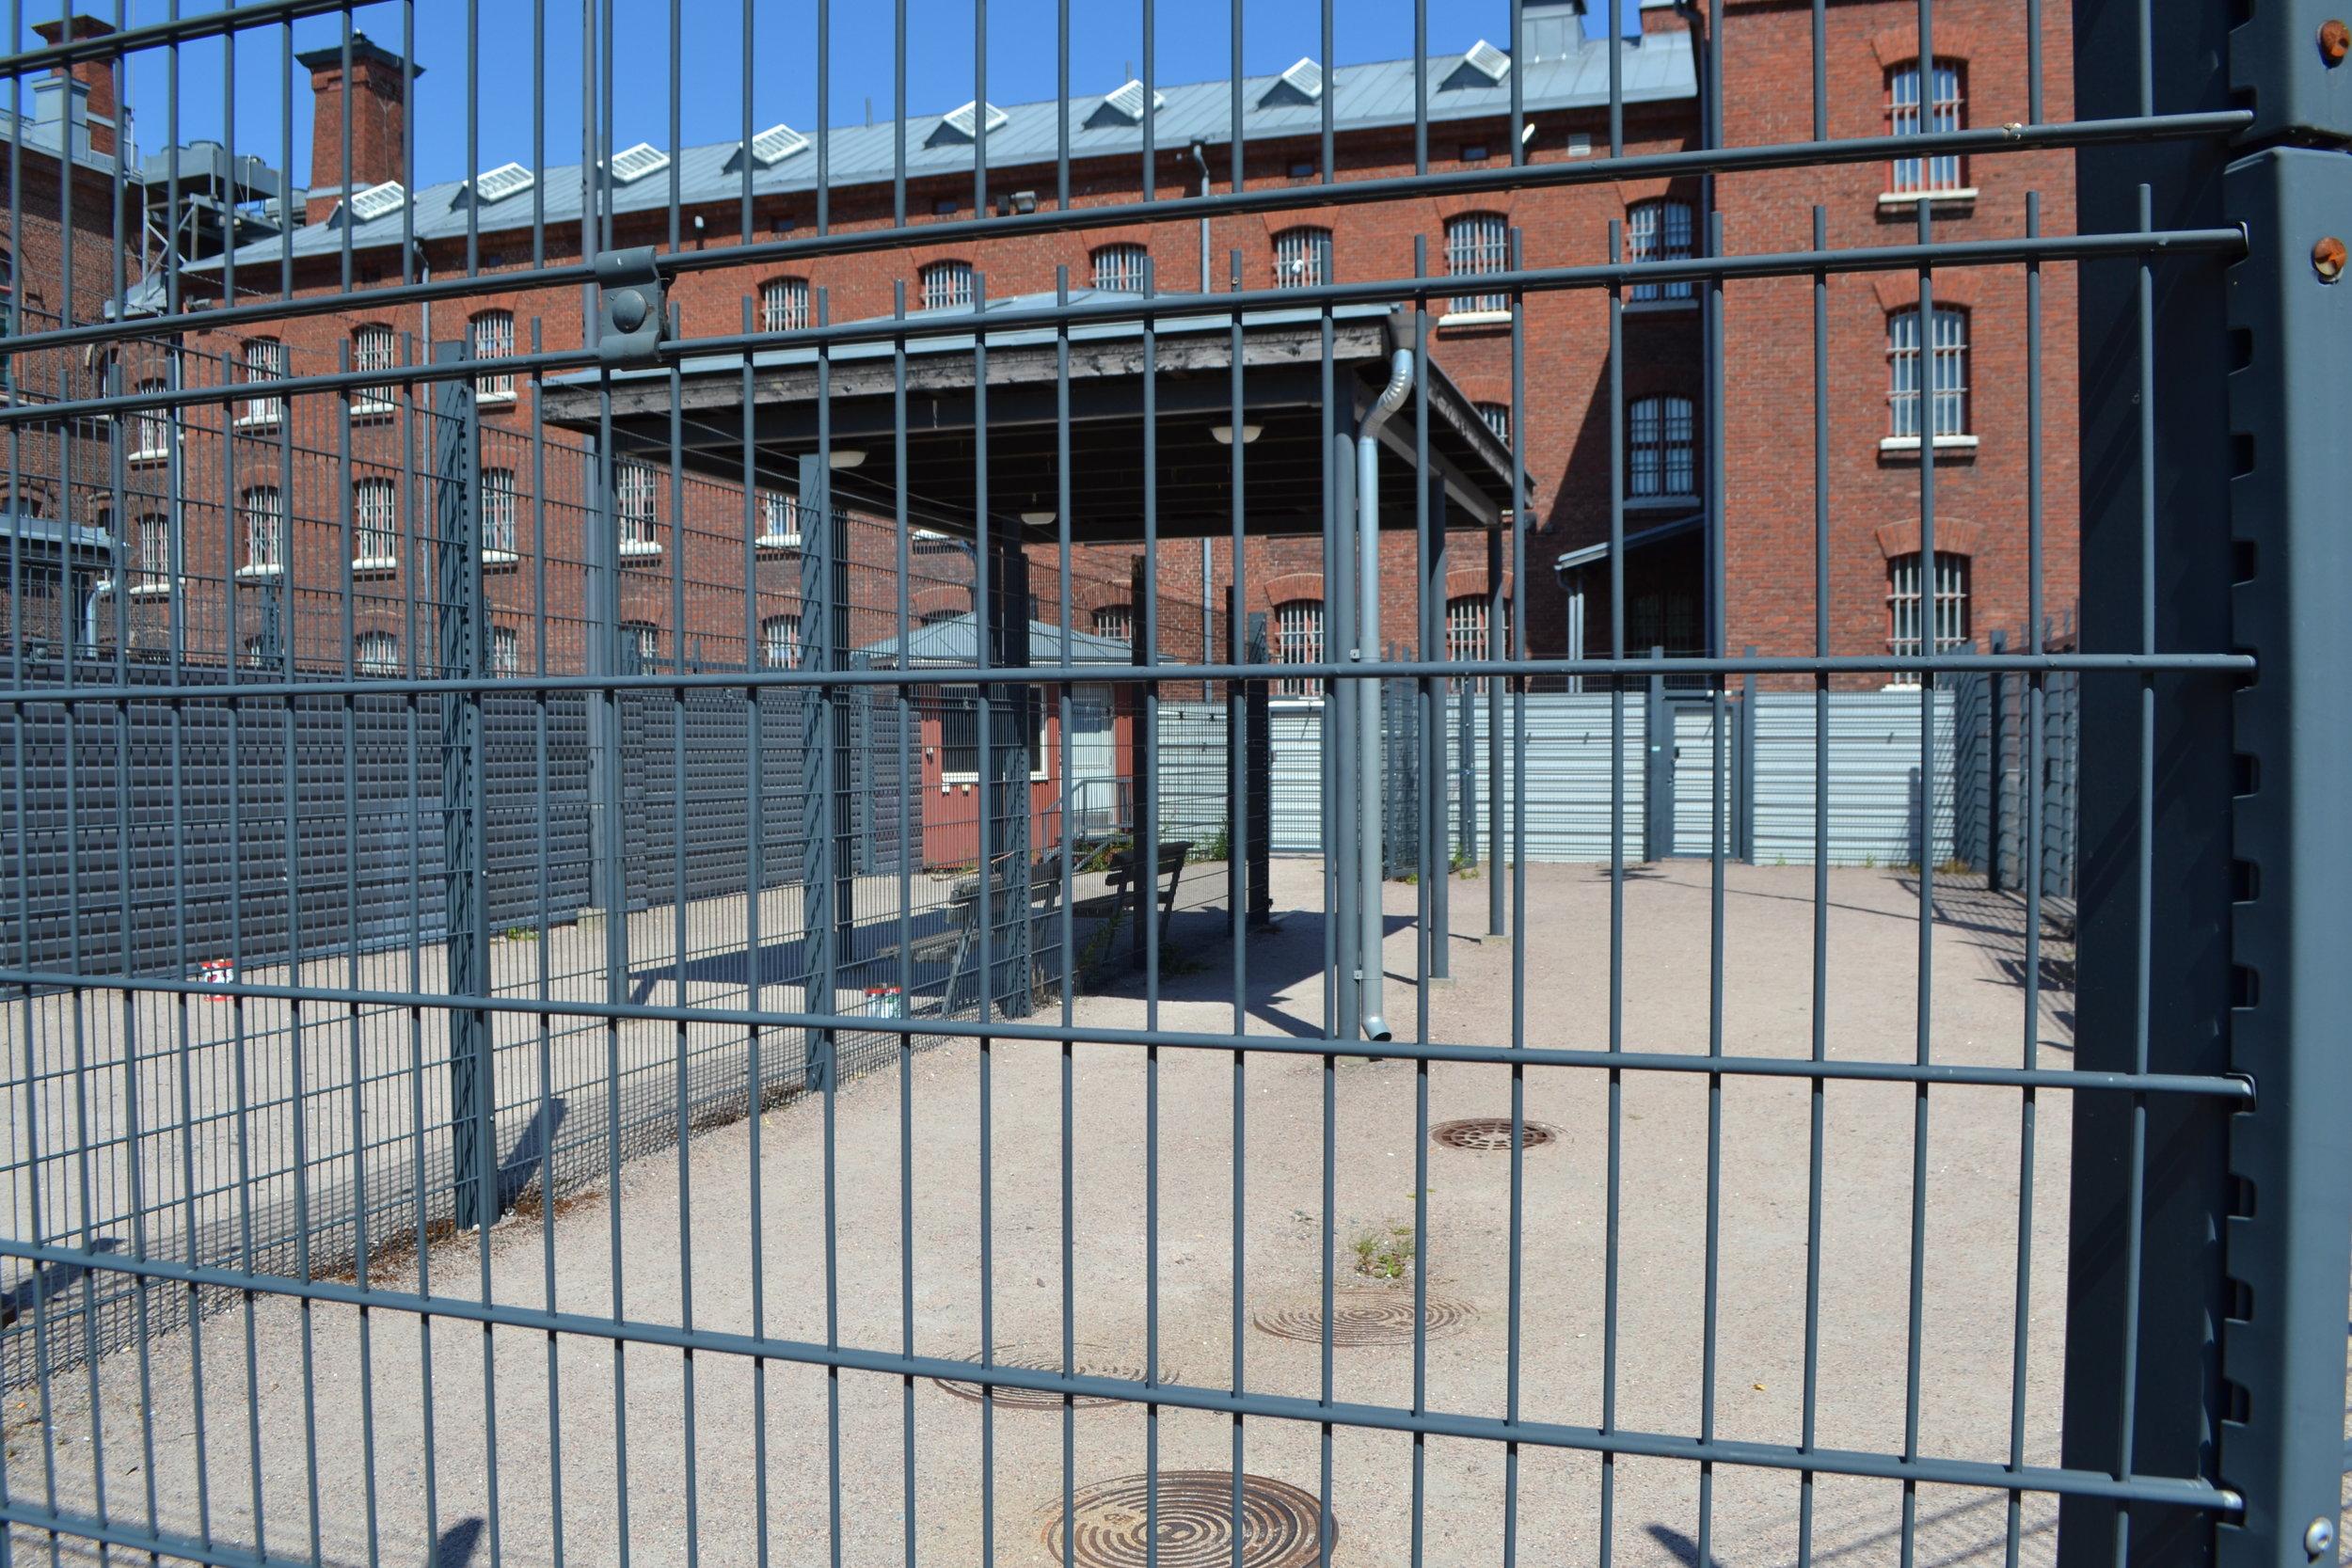 - Helsingin vankilassa on ollut jo vuosia useita erillisiä ulkoilualueita, kun ennen vanhaan niitä oli vain yksi tai kaksi. Alueiden pilkkominen vähensi huomattavasti vankien välisiä pahoinpitelyjä.